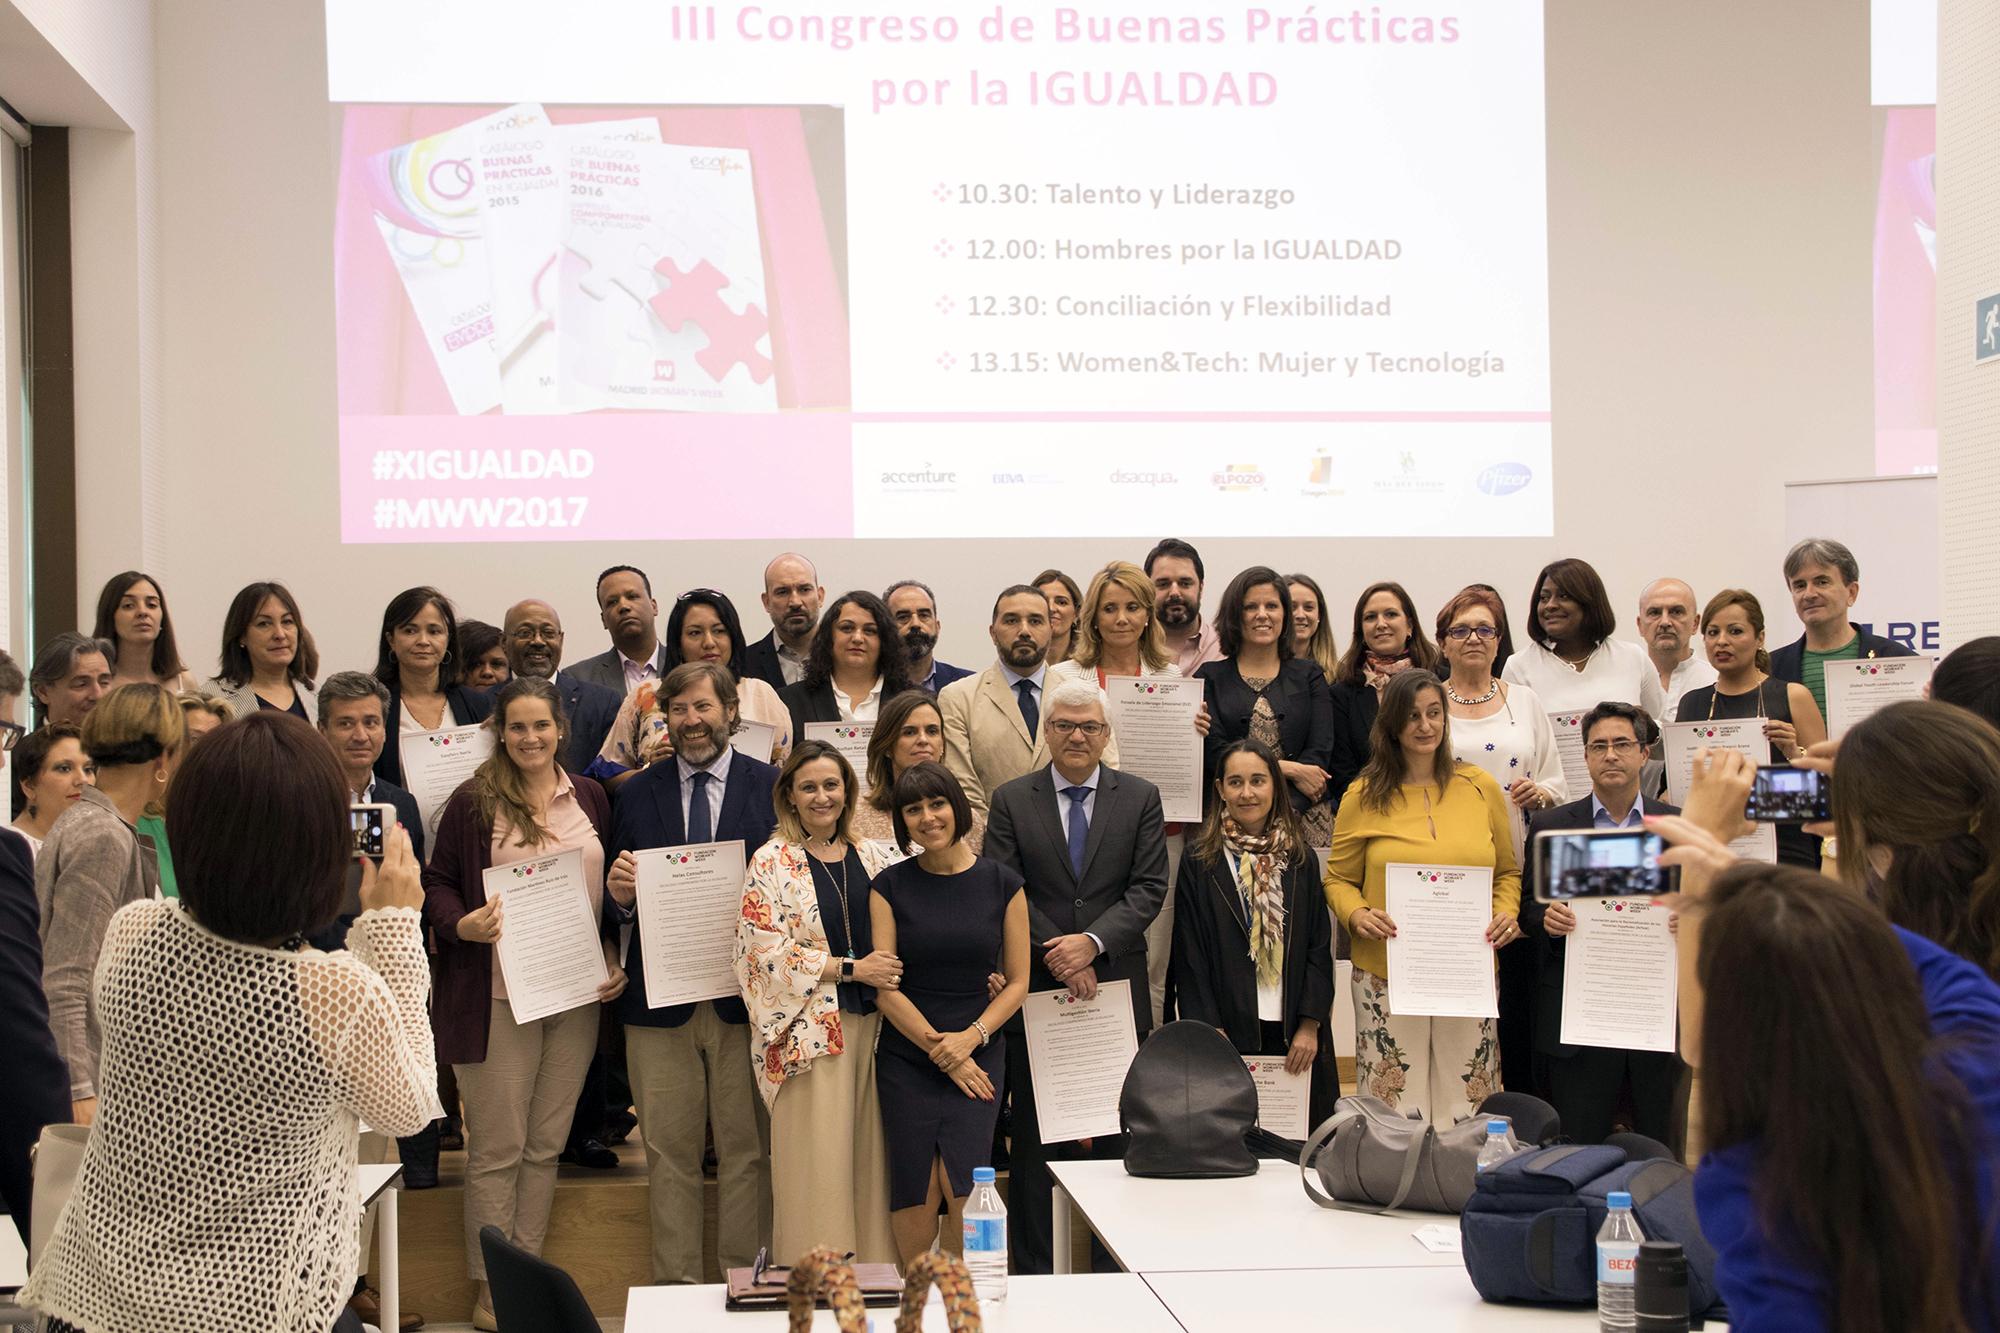 Fotografía de grupo durante el III Congreso de Buenas Prácticas por la Igualdad